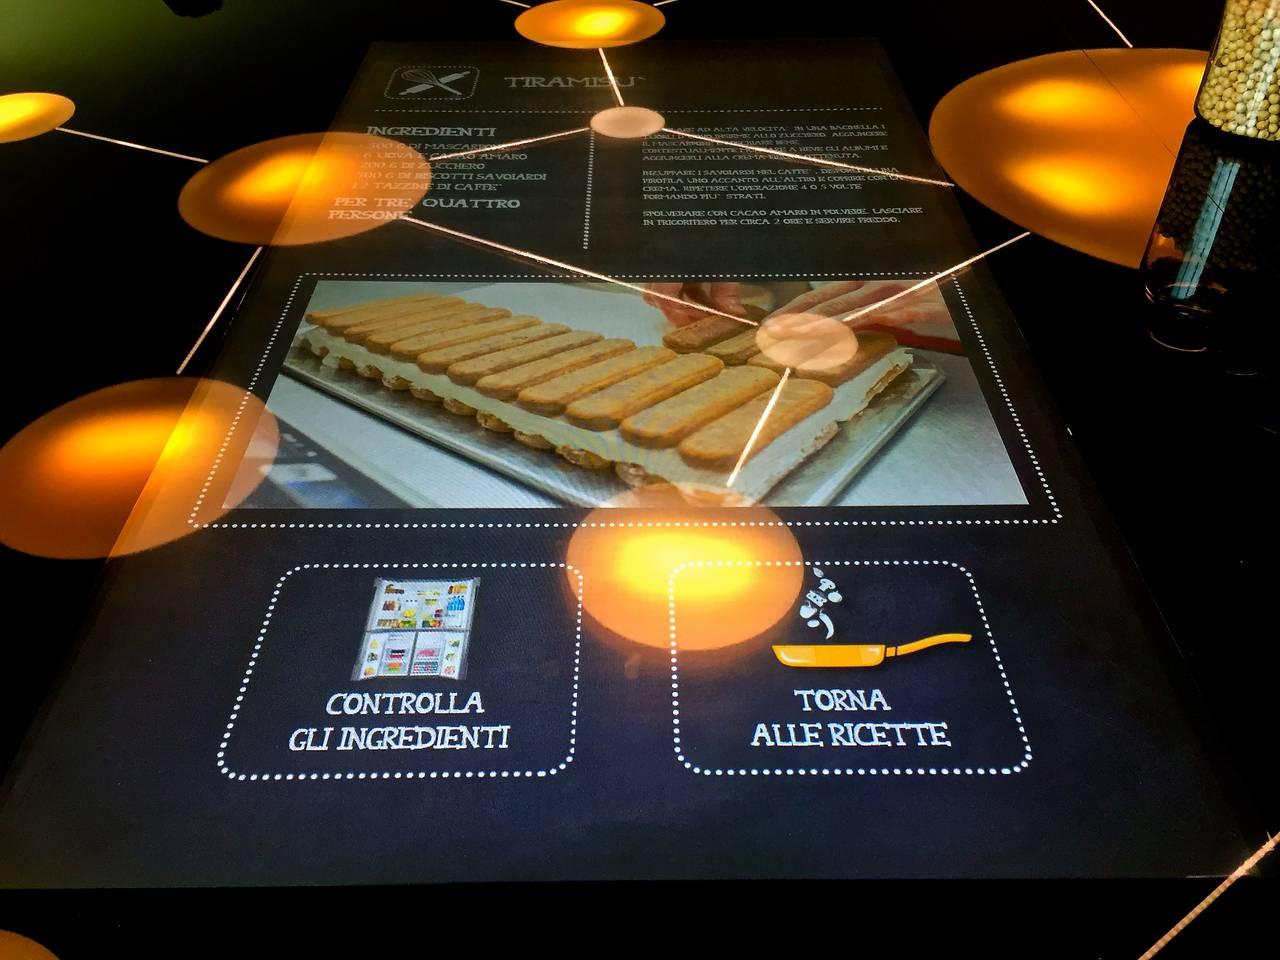 elettrodomestici IoT Domotica Casa connessa Samsung